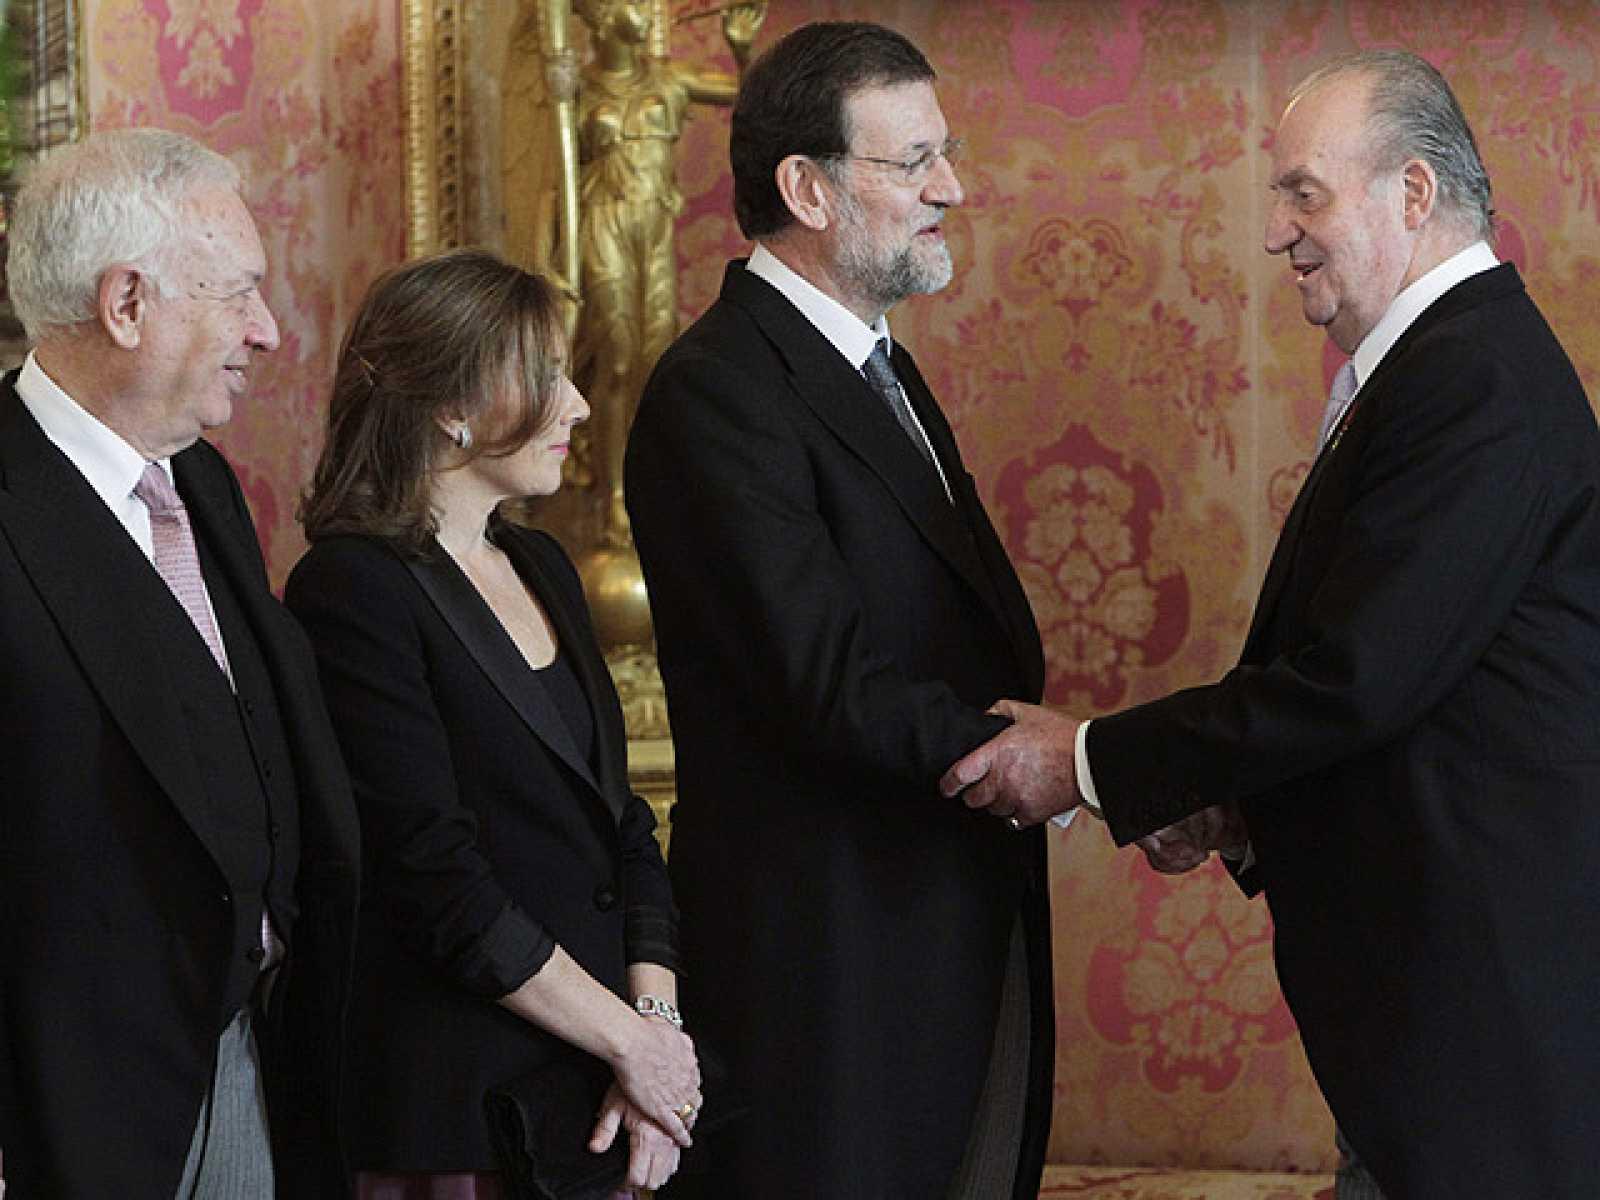 El rey ha apoyado las reformas económicas como solución para crecer y crear empleo en la Unión Europea.